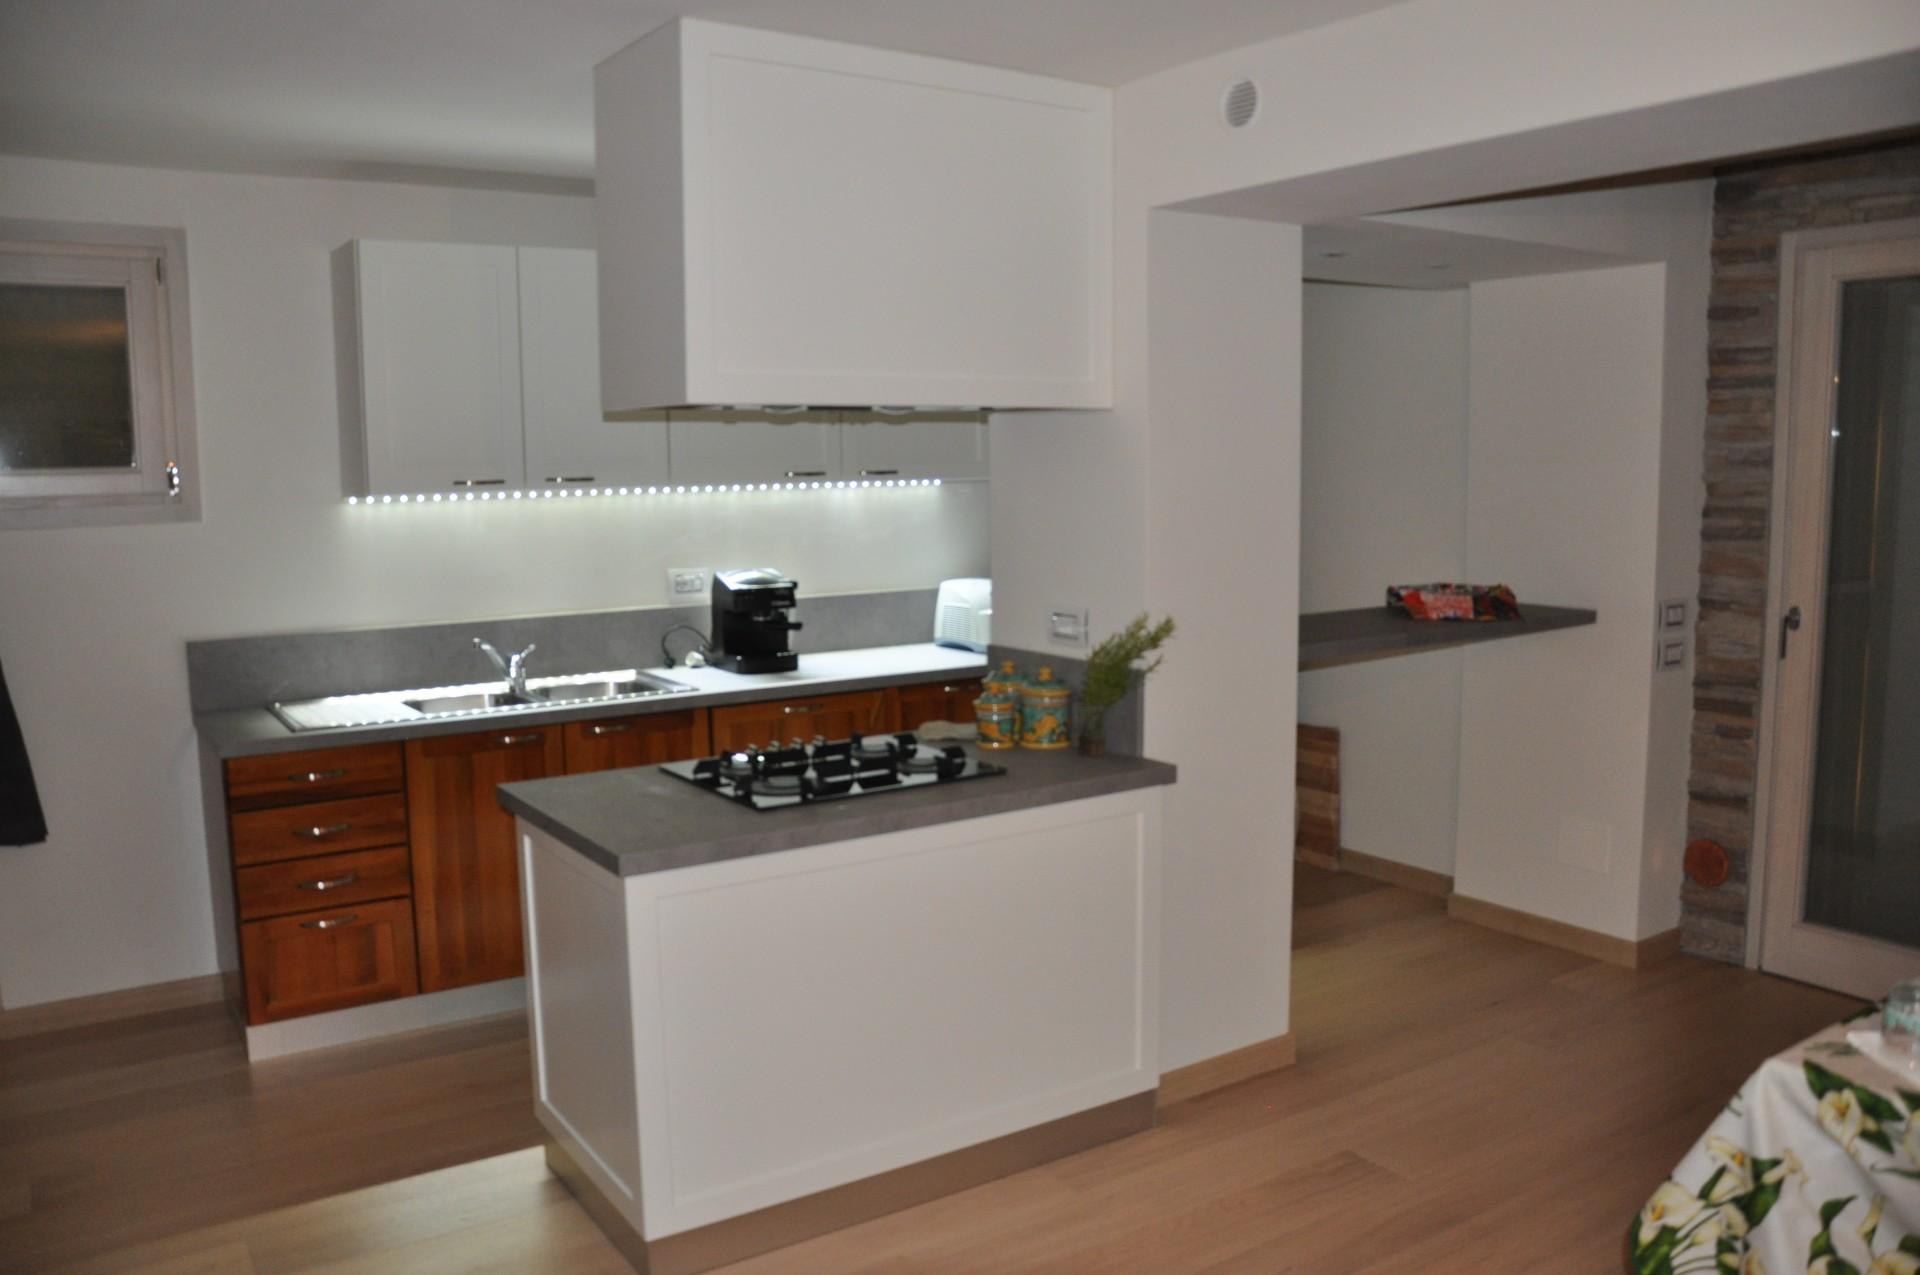 Cucine moderne fadini mobili cerea verona for Cucine con piano cottura centrale